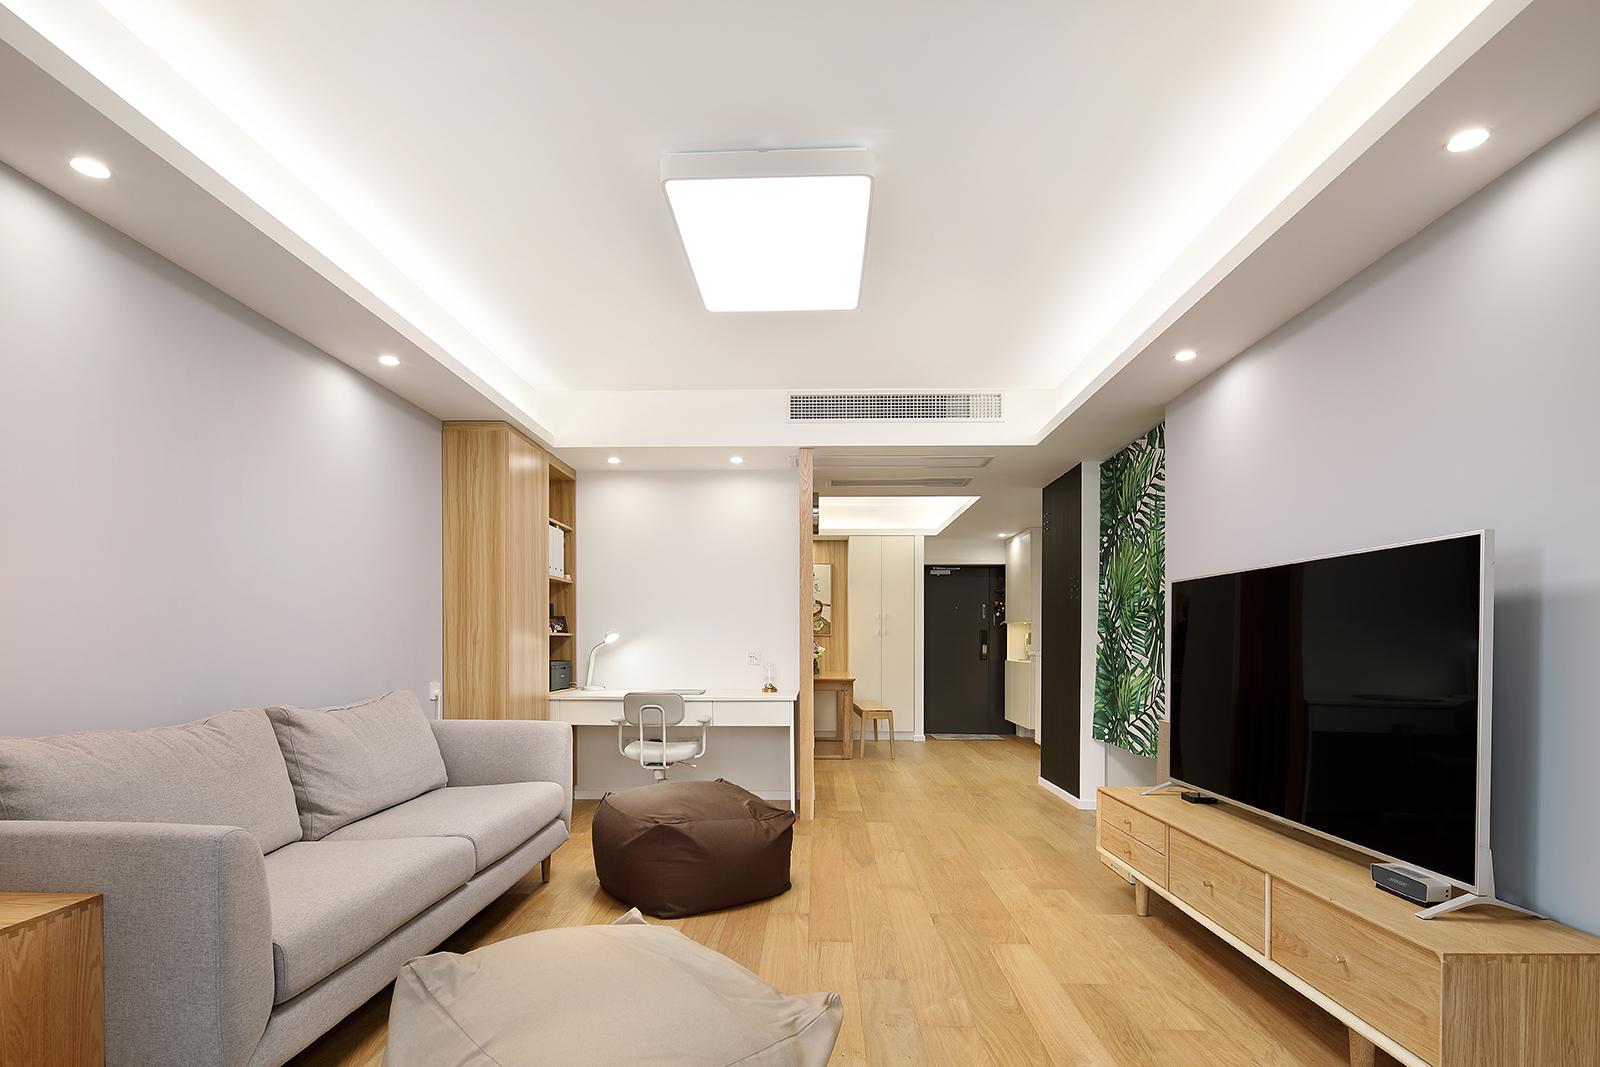 二居室简约日式家客厅效果图